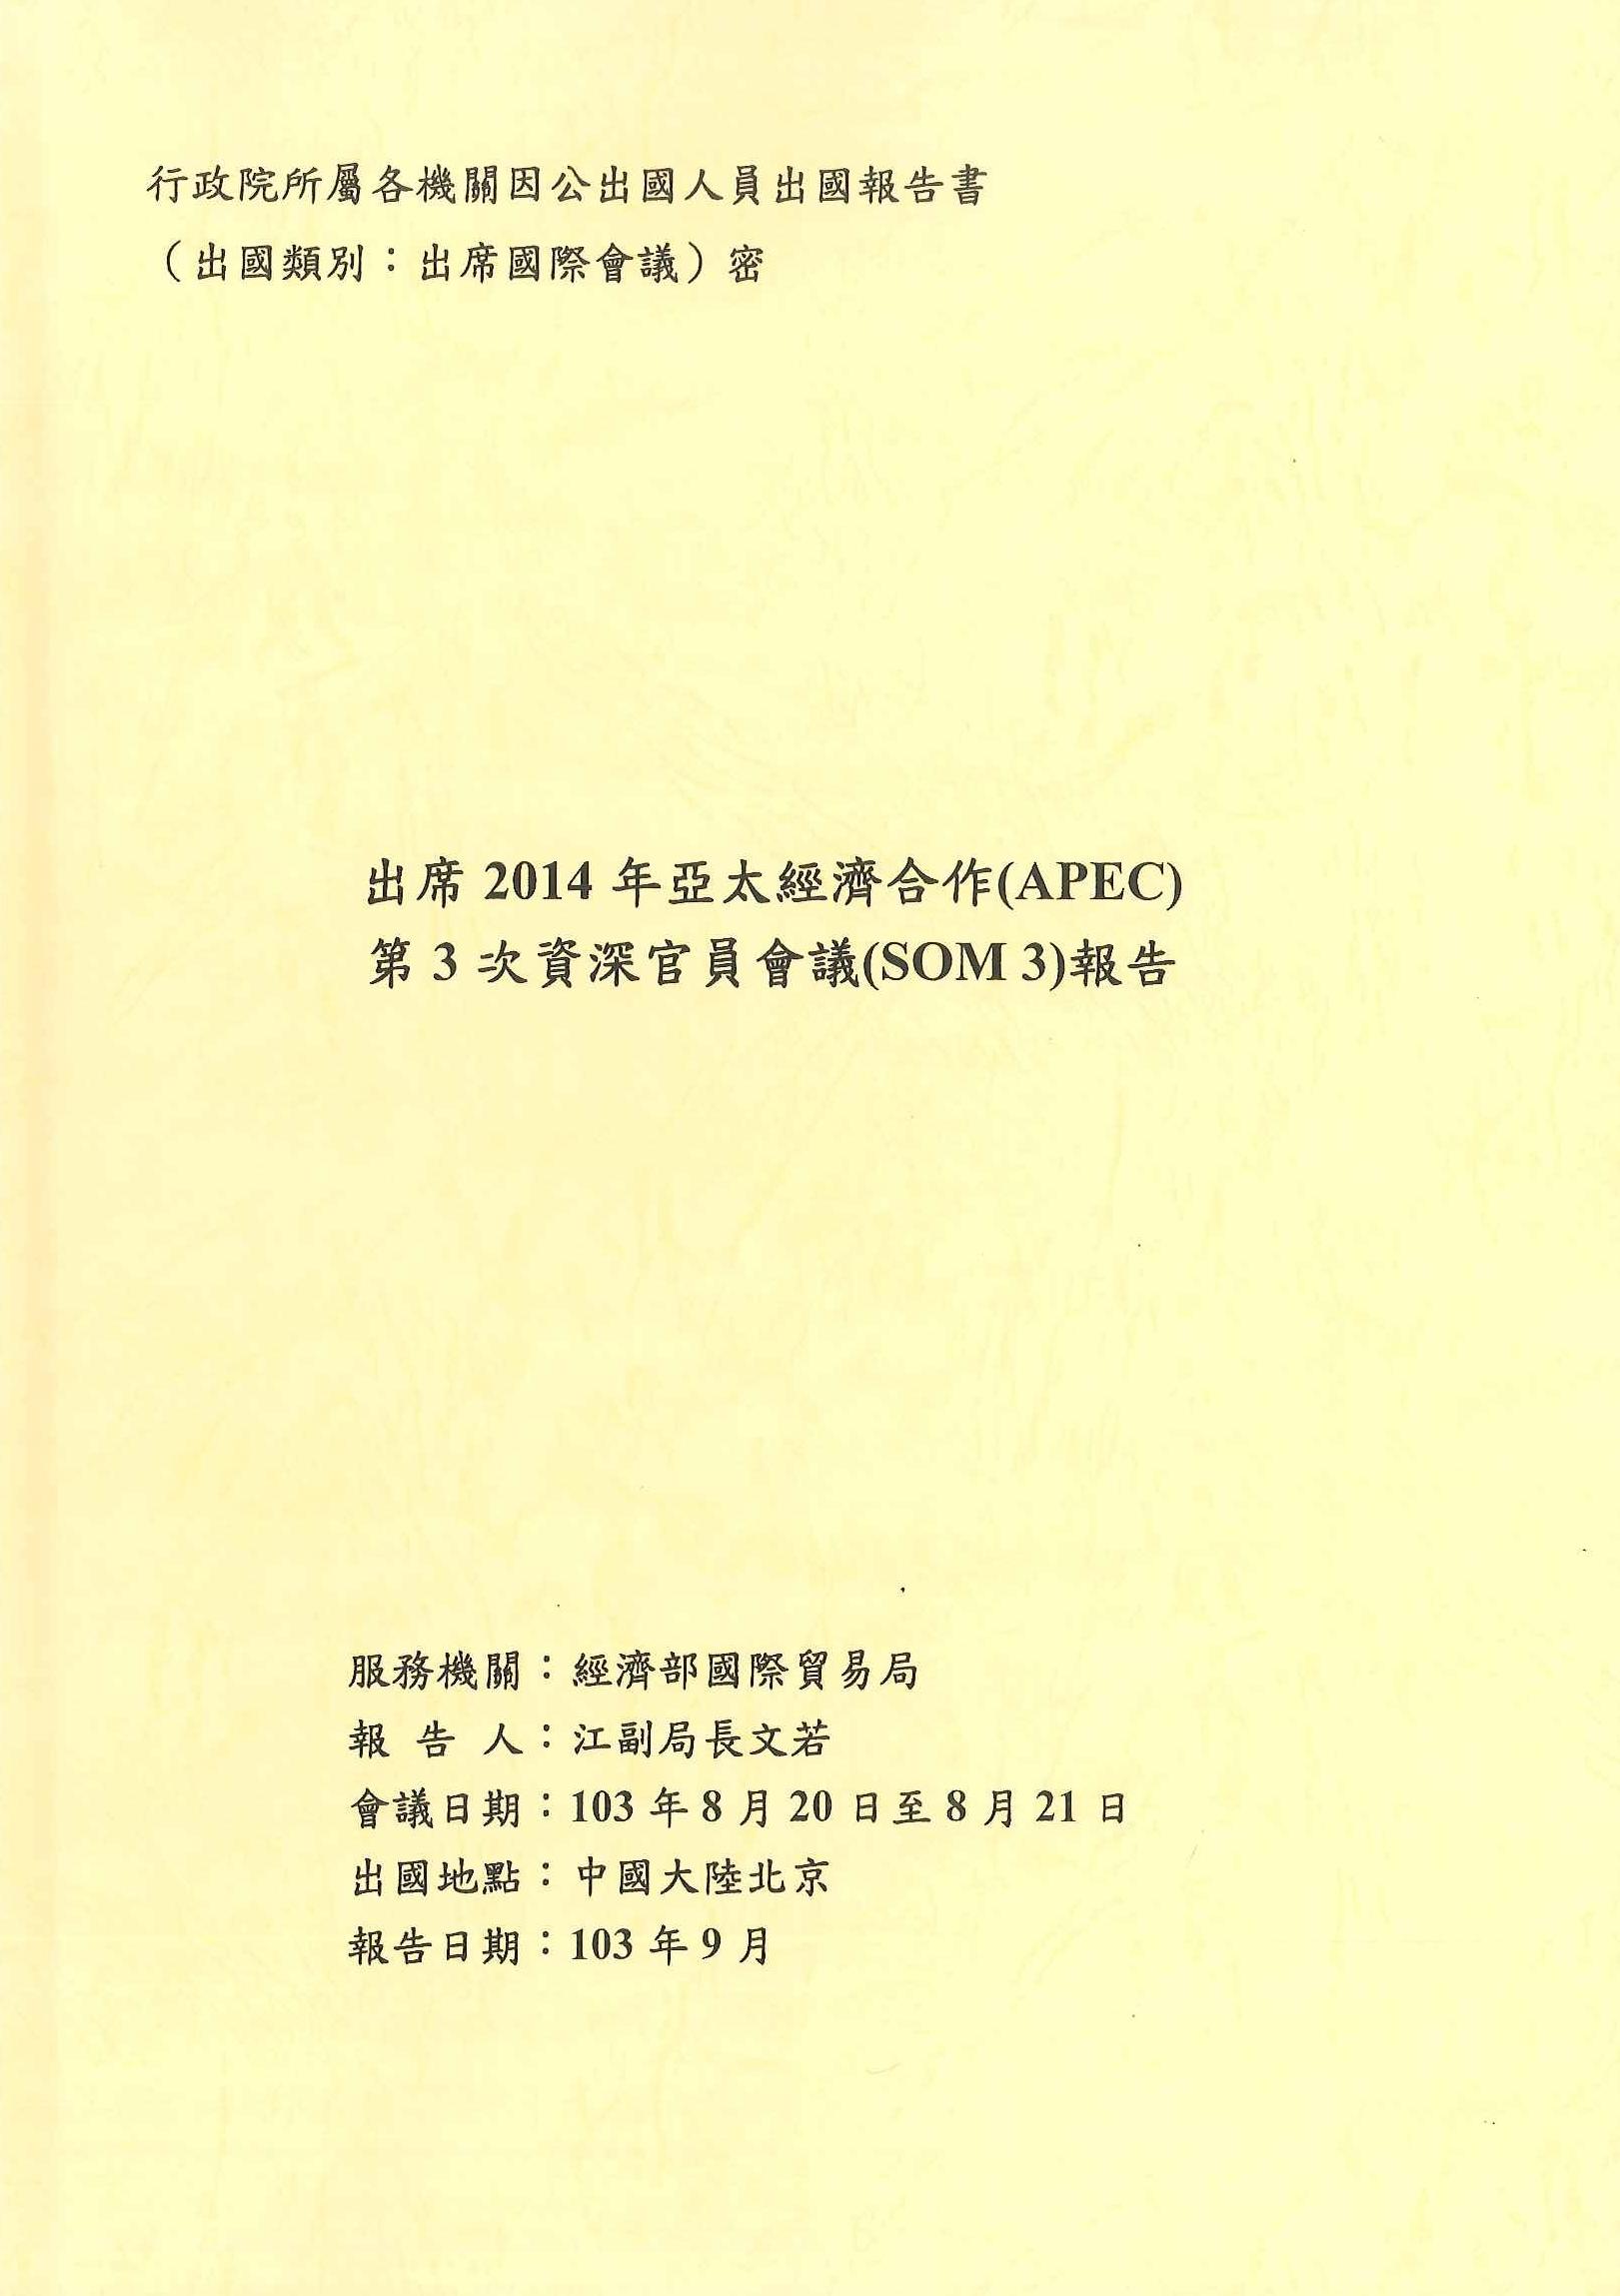 出席2014年亞太經濟合作(APEC)第3次資深官員會議(SOM 3)報告